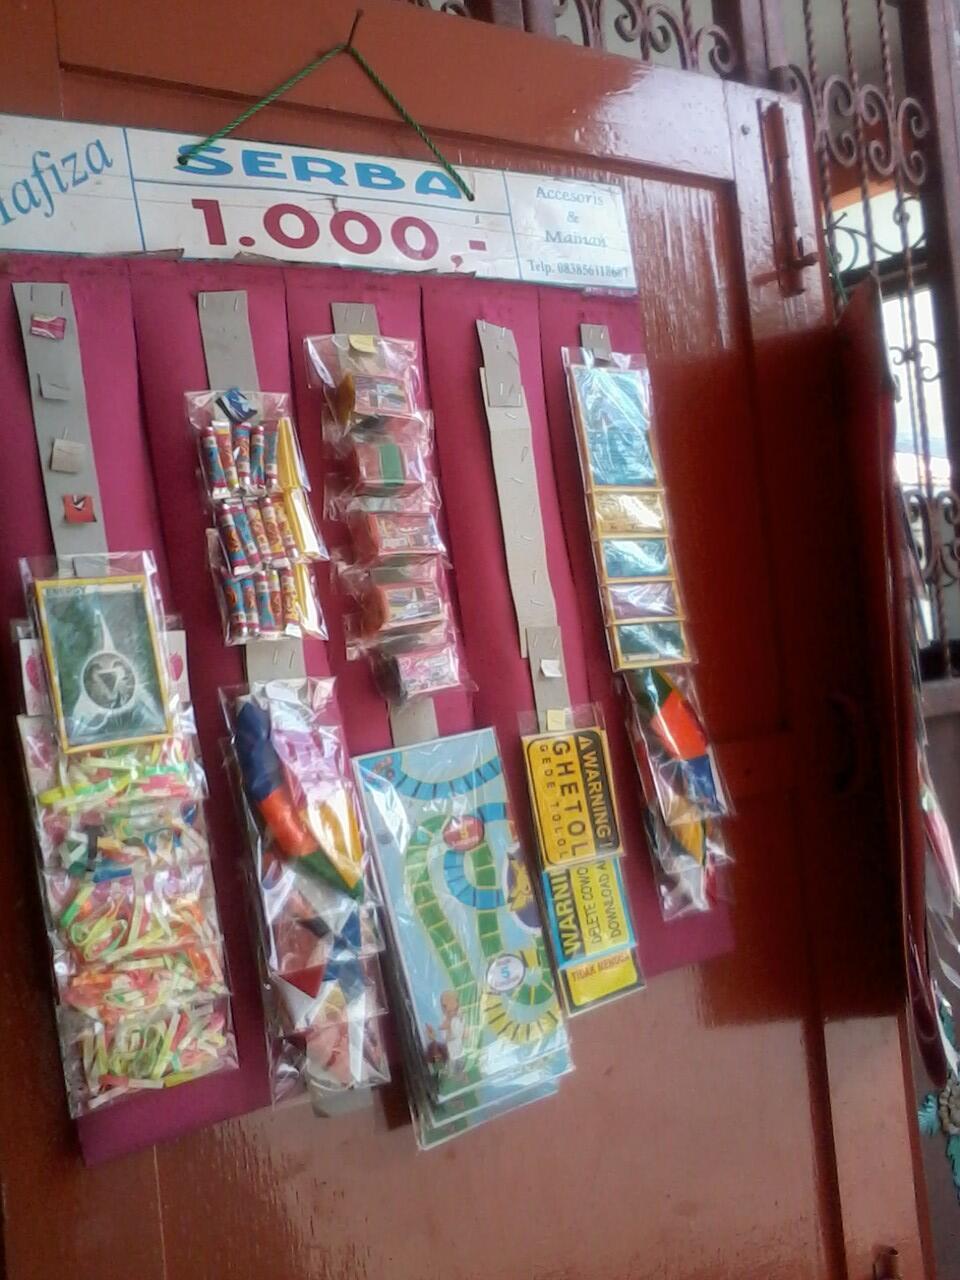 Peluang Usaha Mainan Murah Serba 1000 2000 Kaskus